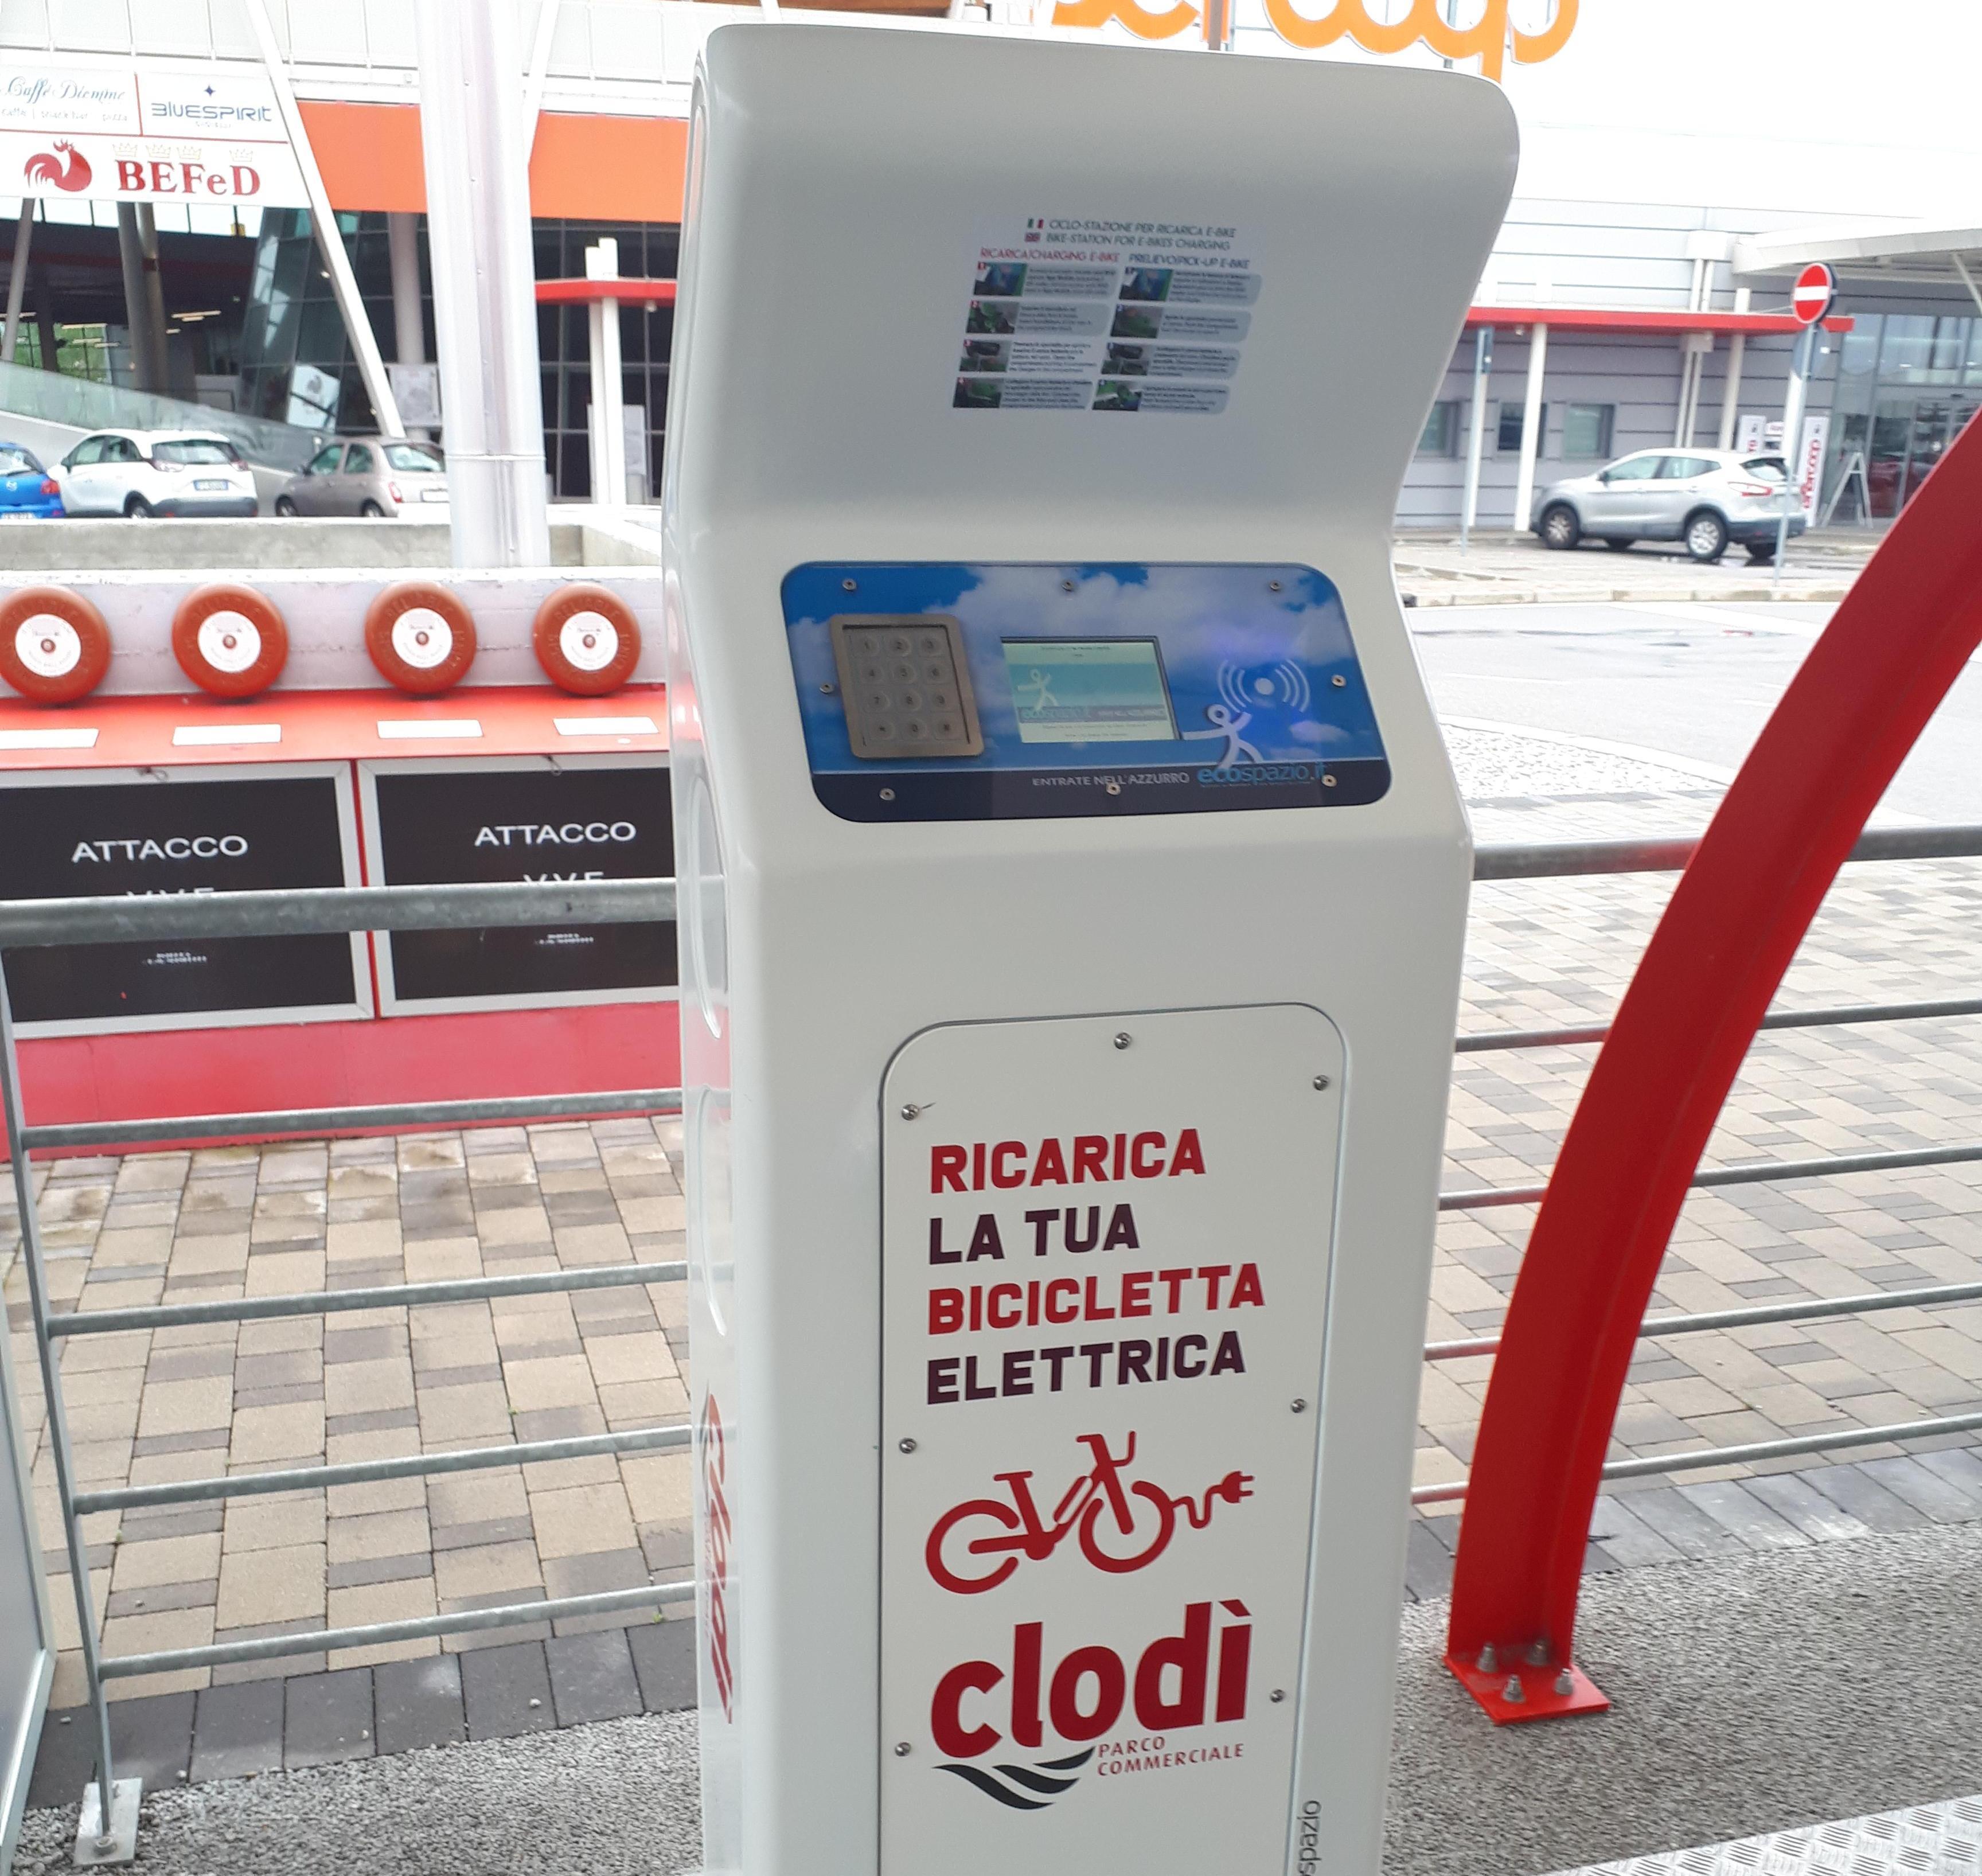 Clodì colonnine ricarica bici elettriche